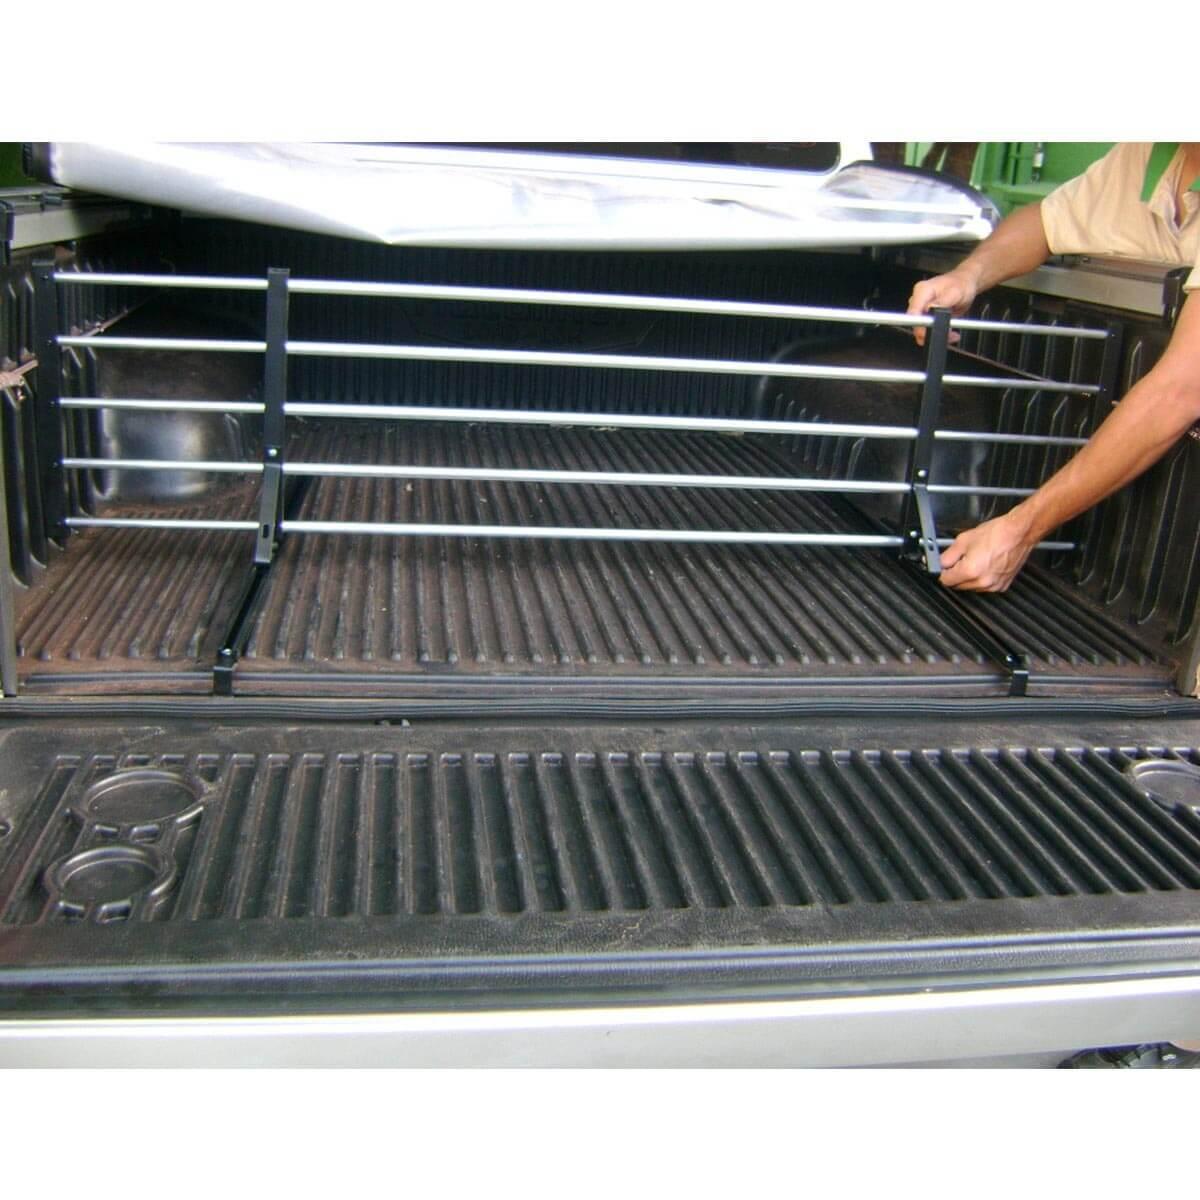 Divisor separador de cargas caçamba de pick ups uso universal